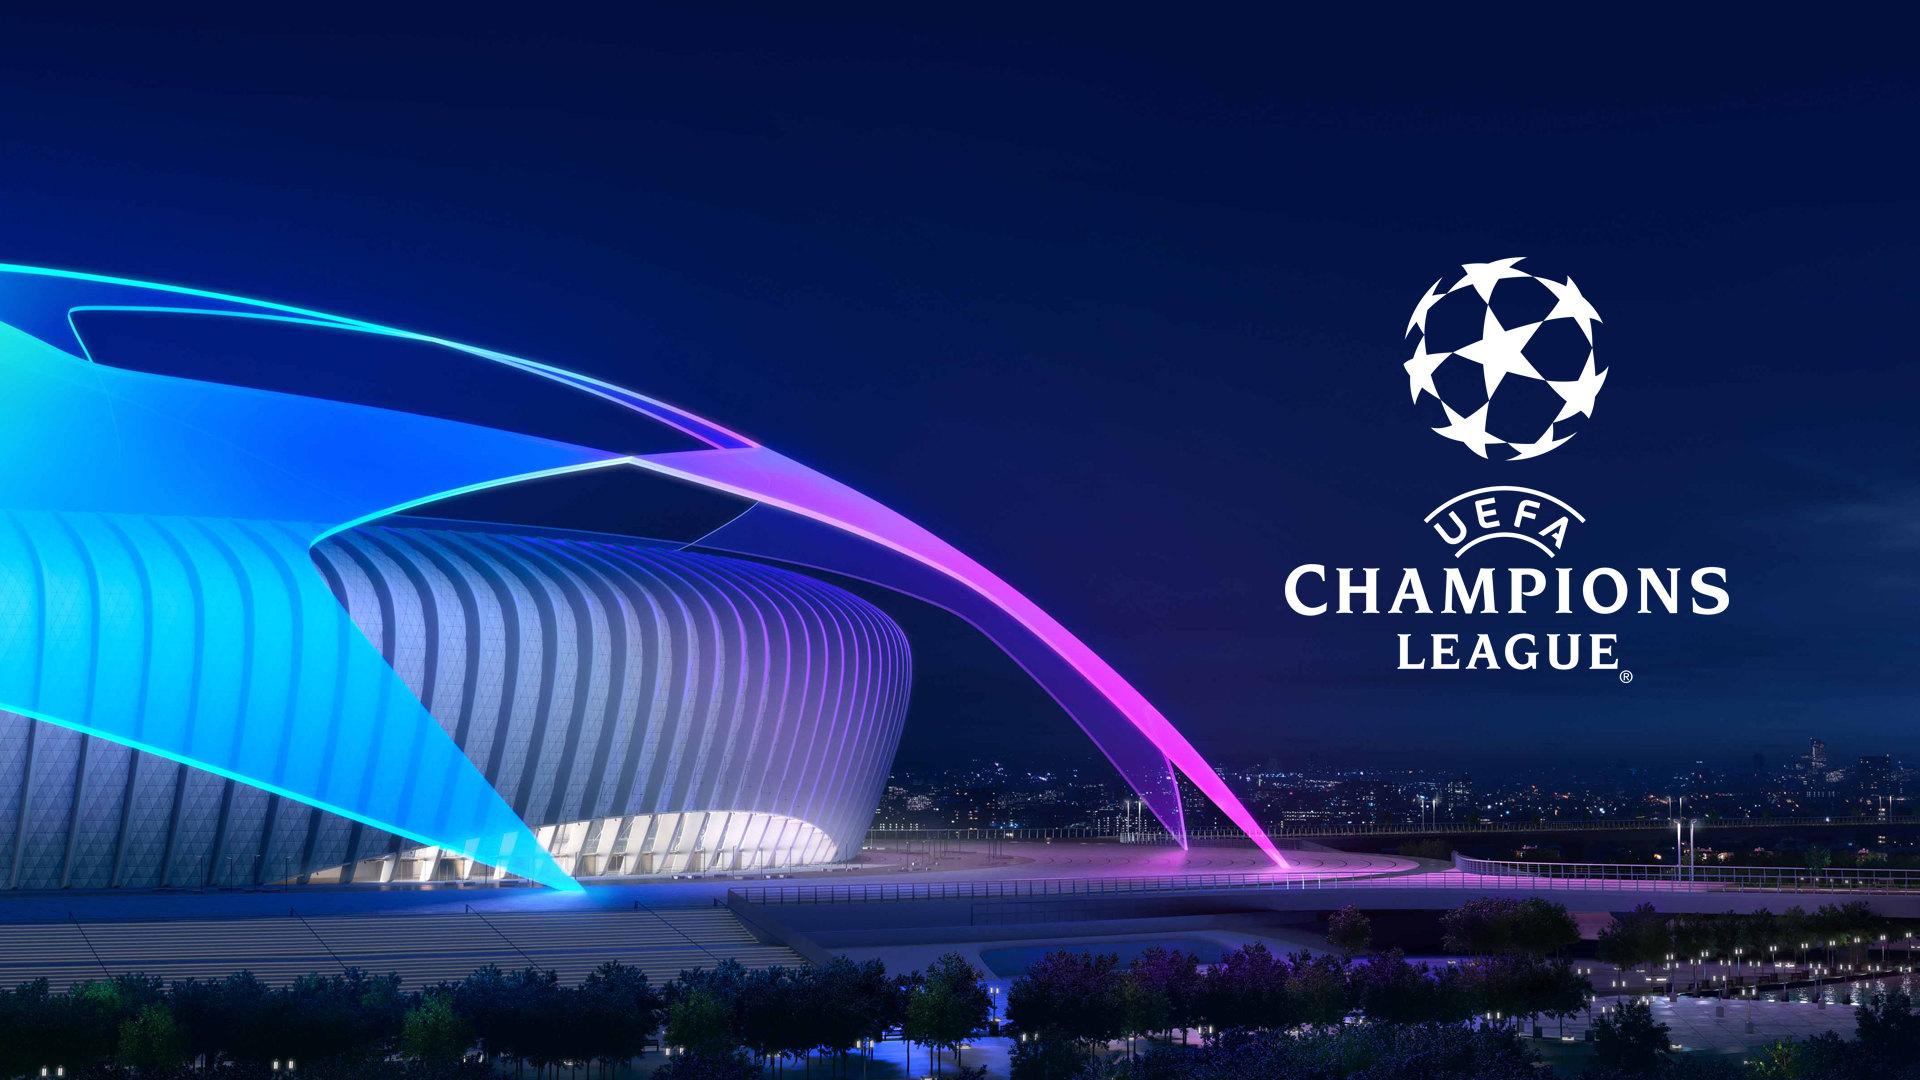 Cuál es el vínculo de los equipos que disputan los octavos de final de la UEFA Champions League con la tecnología blockchain y las criptomonedas